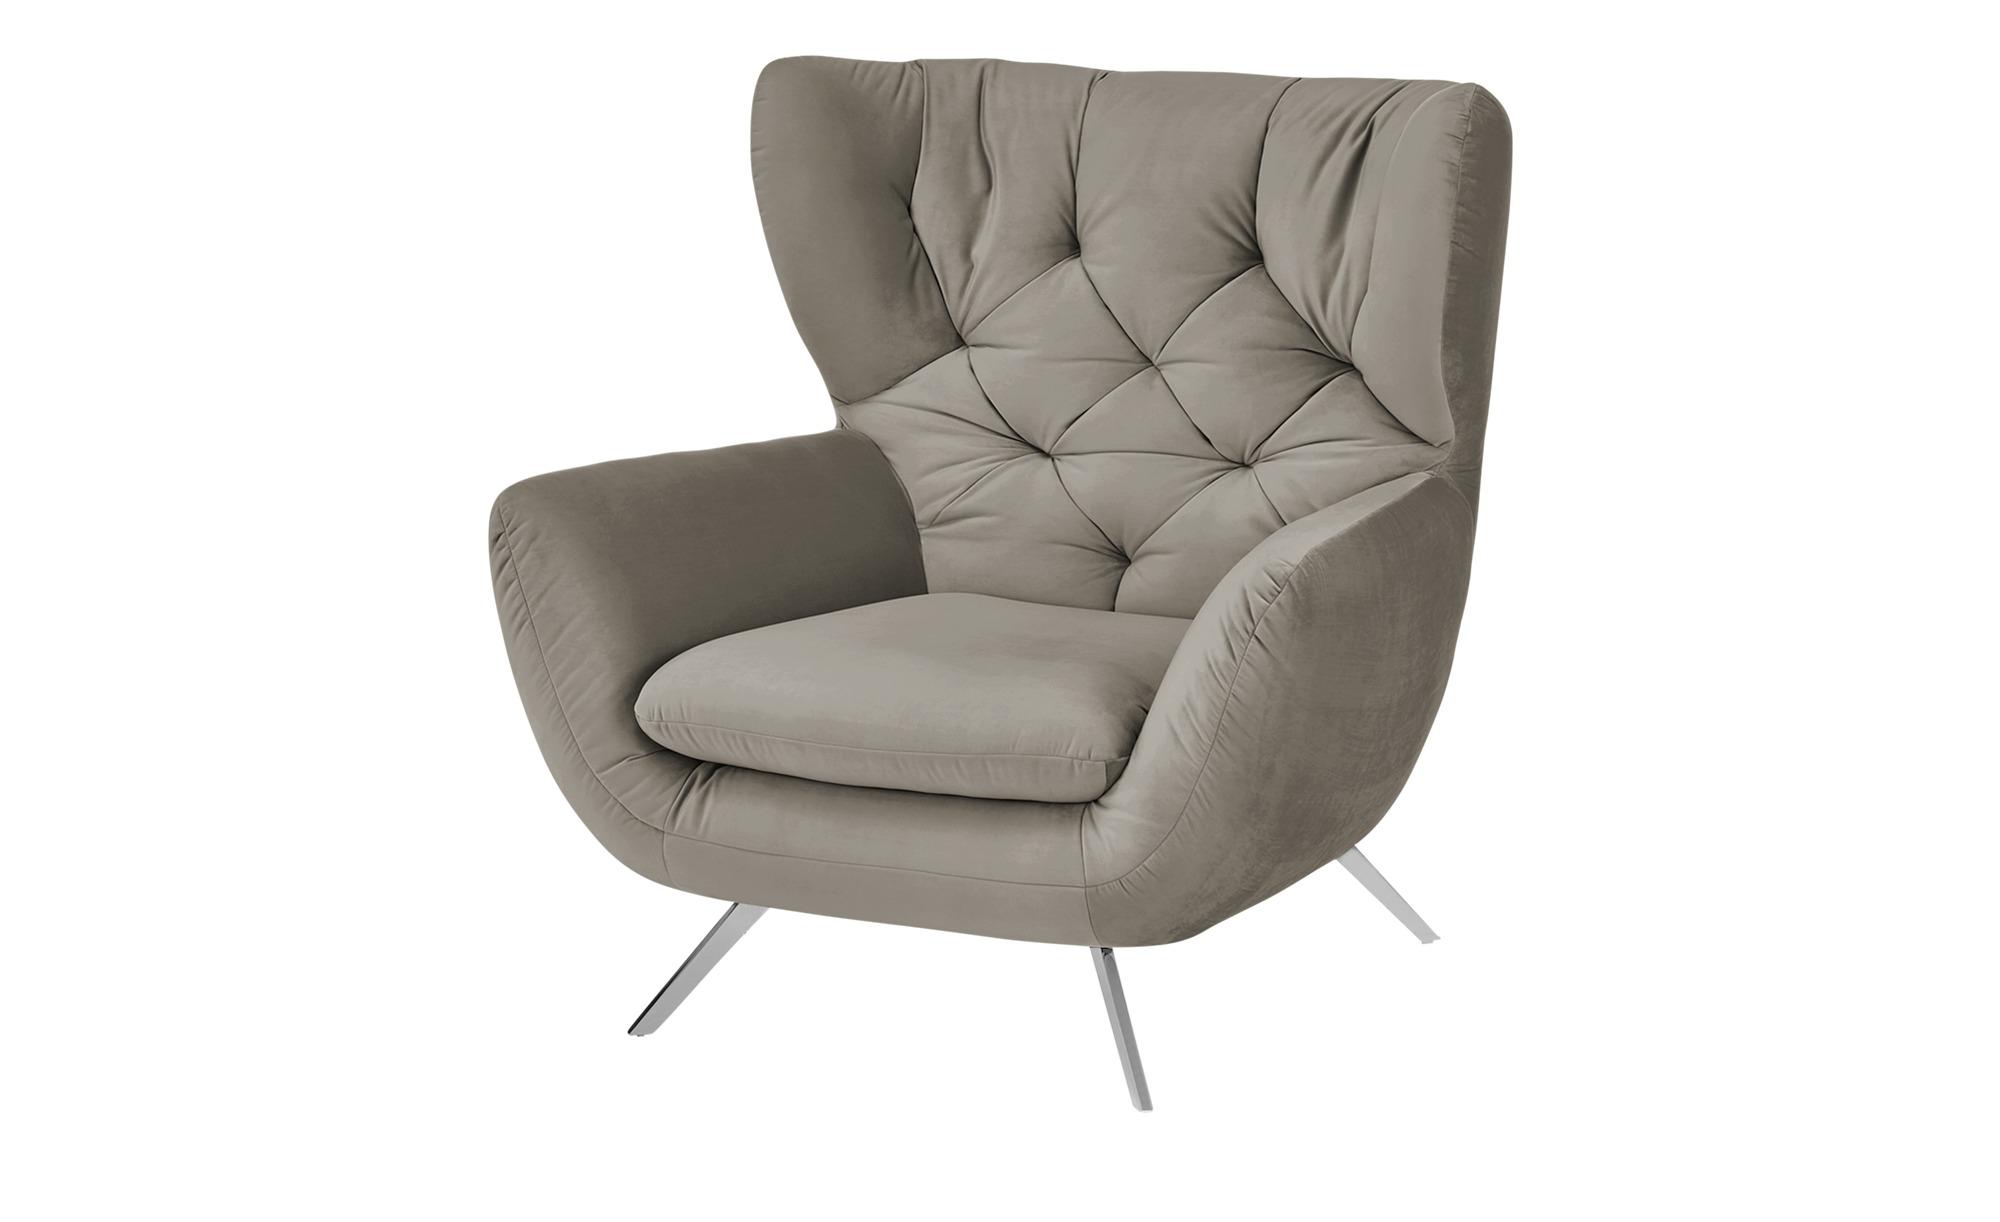 pop Hochlehnsessel  Caldara ¦ grau ¦ Maße (cm): B: 100 H: 106 T: 95 Polstermöbel > Sessel > Polstersessel - Höffner